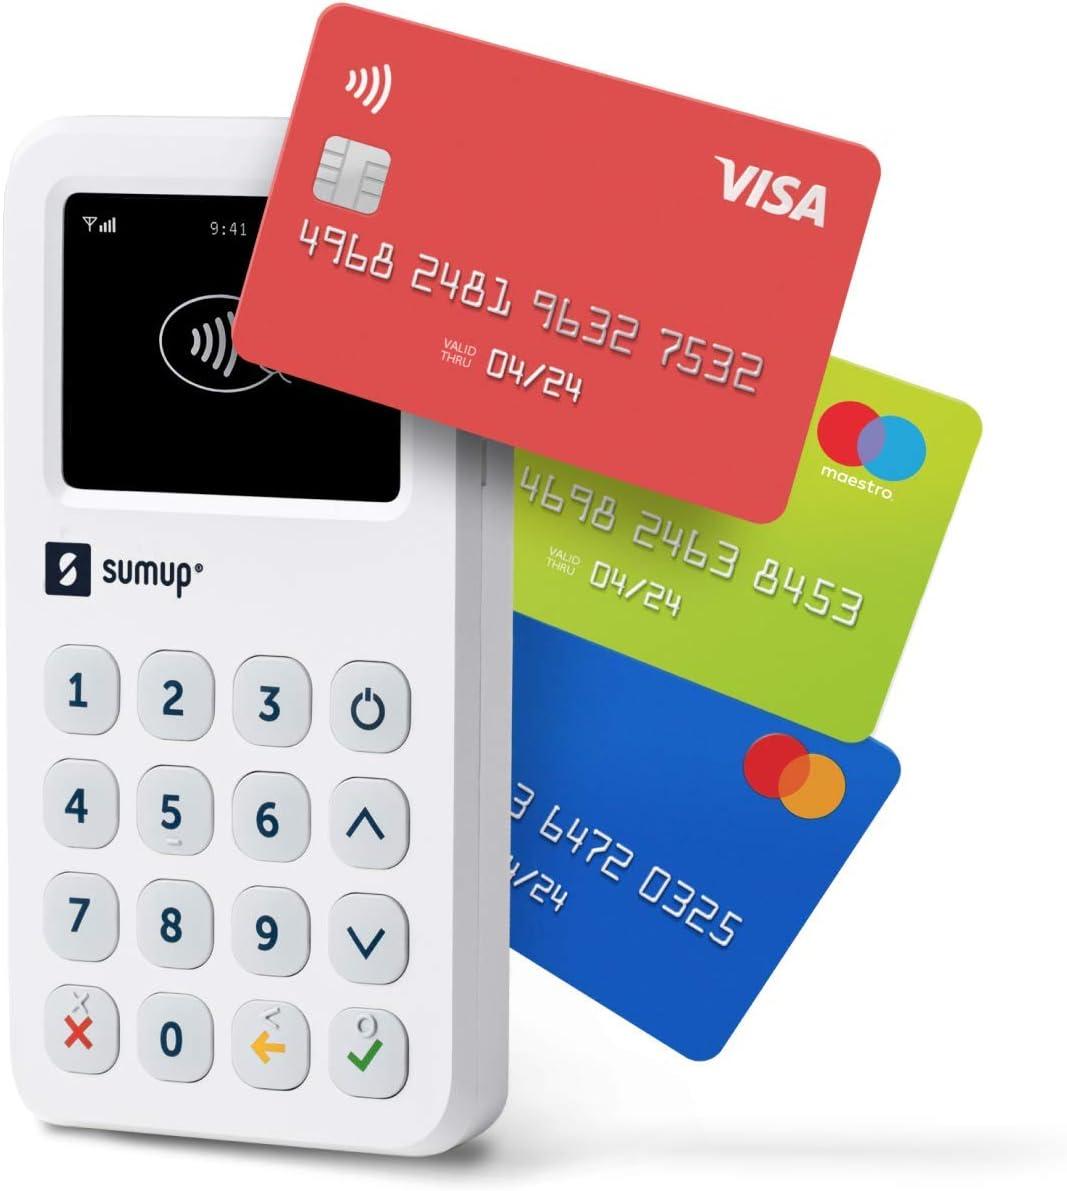 Lector para cobros con tarjeta con wifi y 3G de SumUp: Acepte tarjetas con chip y PIN, pagos contactless, Google Pay y Apple Pay; todo con un dispositivo independiente